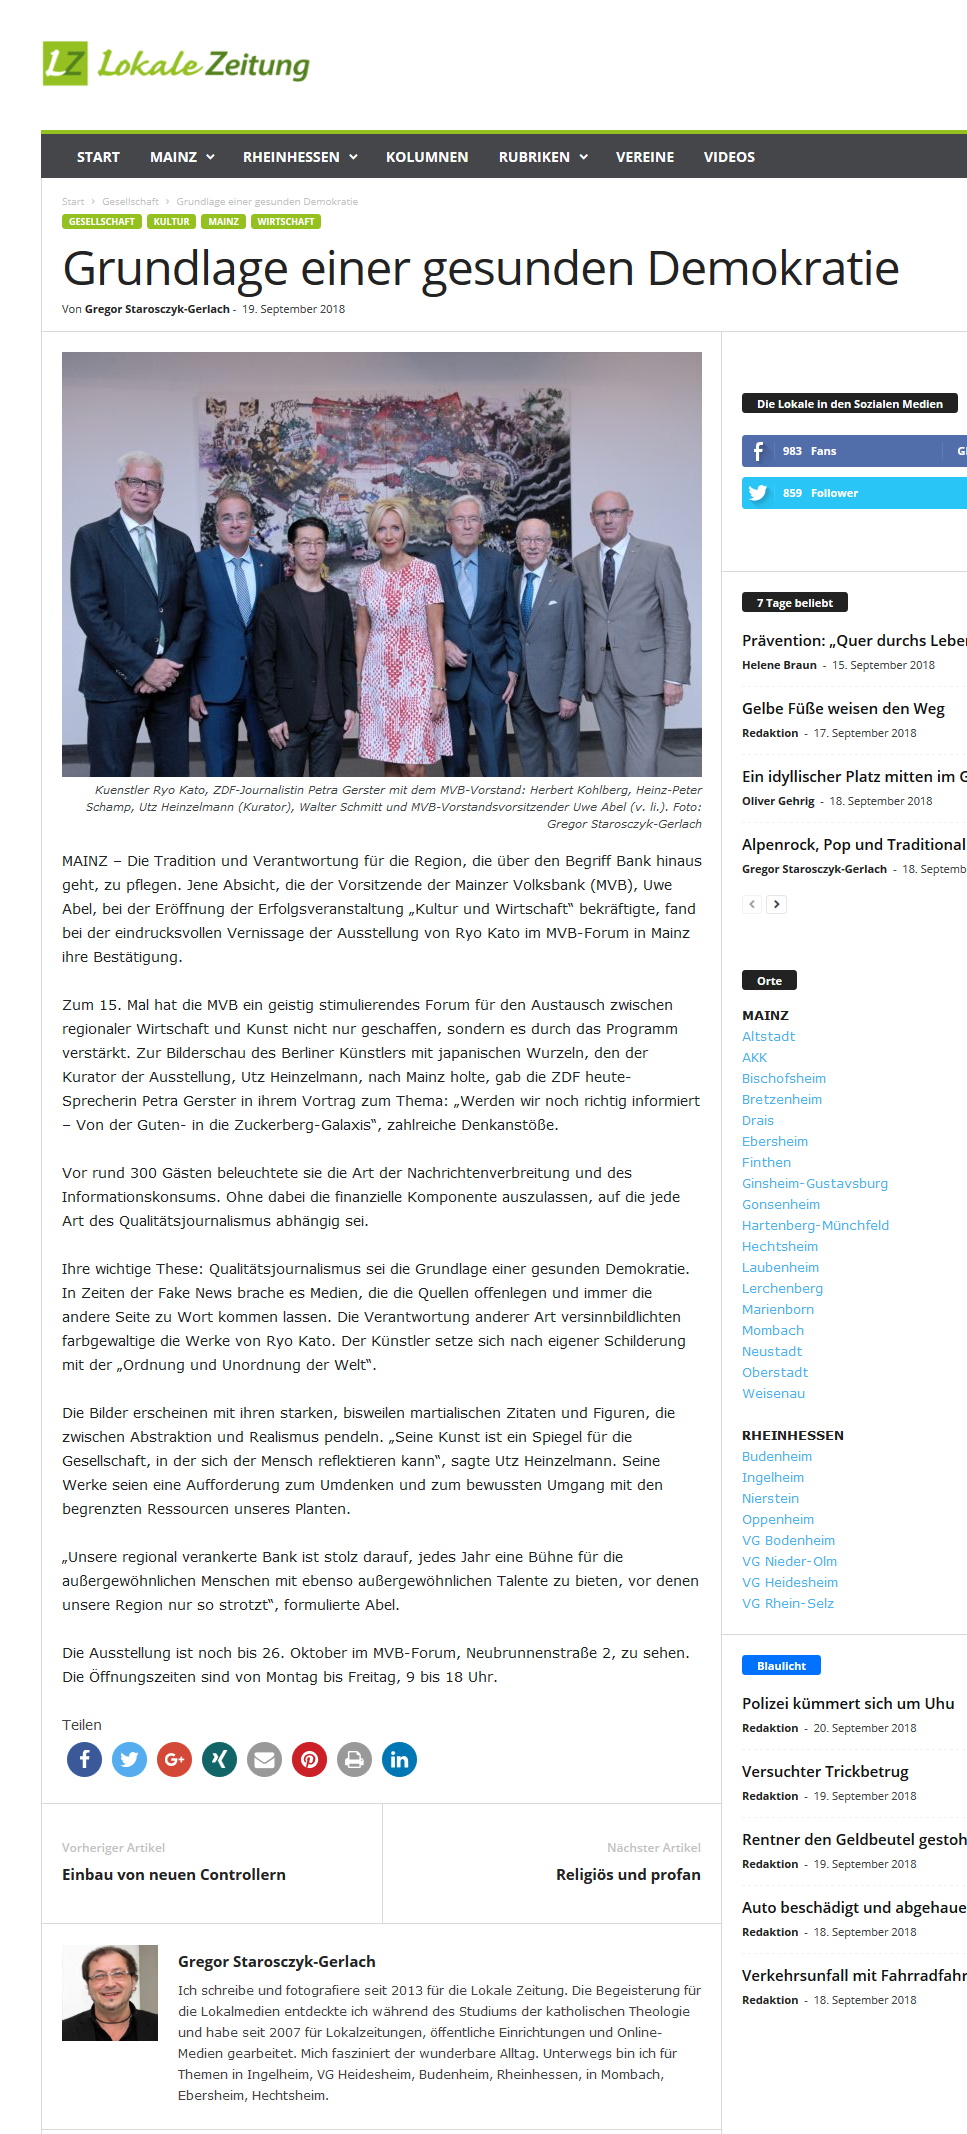 2018-09-20-Lokale Zeitung-KUW-Grundlage einer gesunden Demokratie